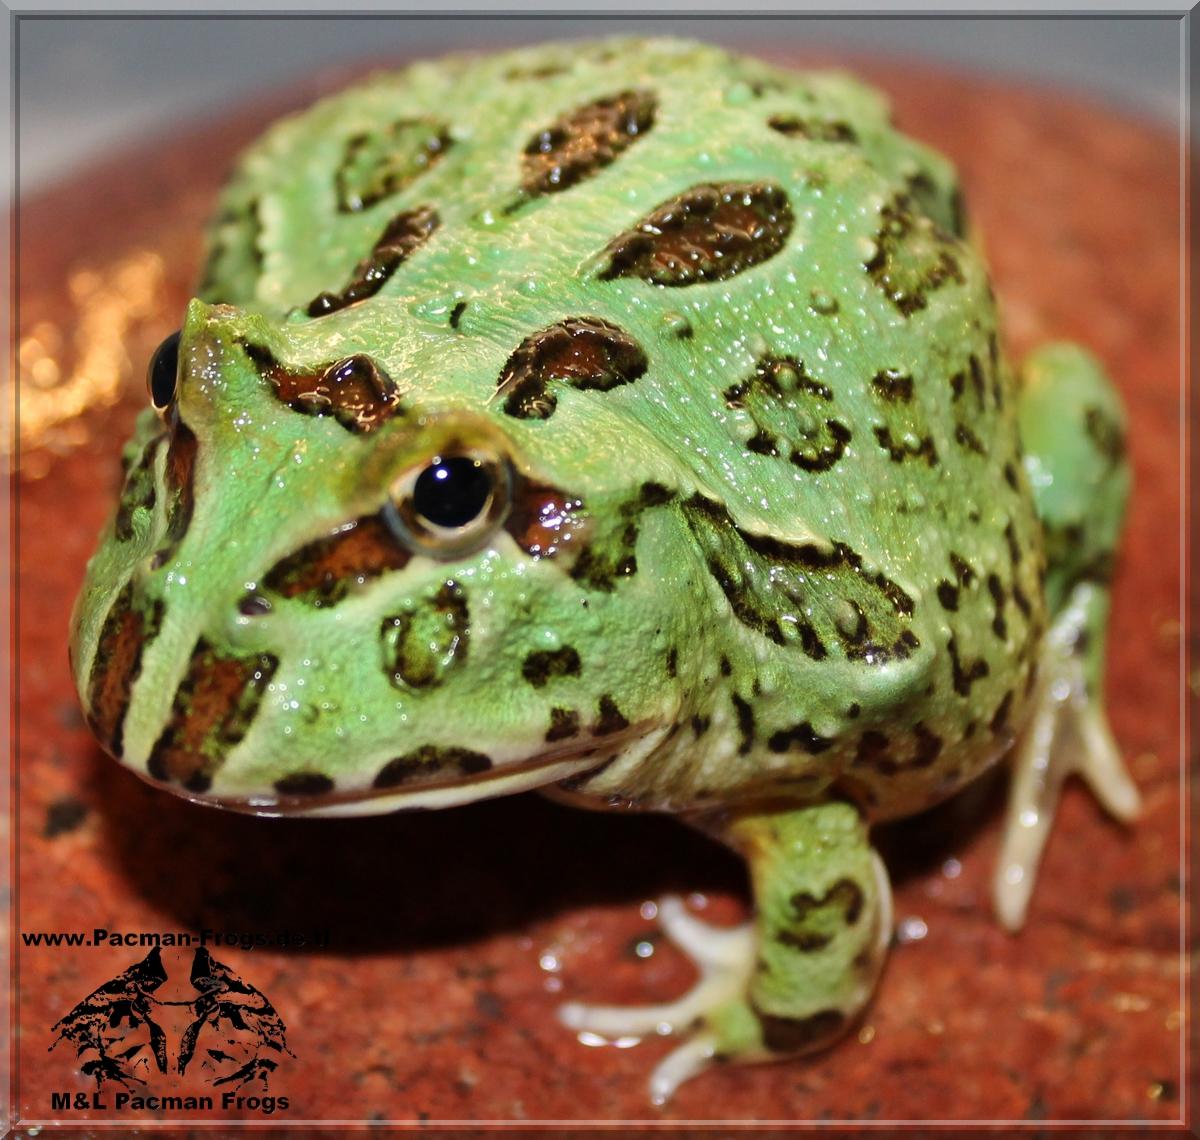 Schmuckhornfrosch, Chaco Hornfrosch, Ceratophrys cranwelli